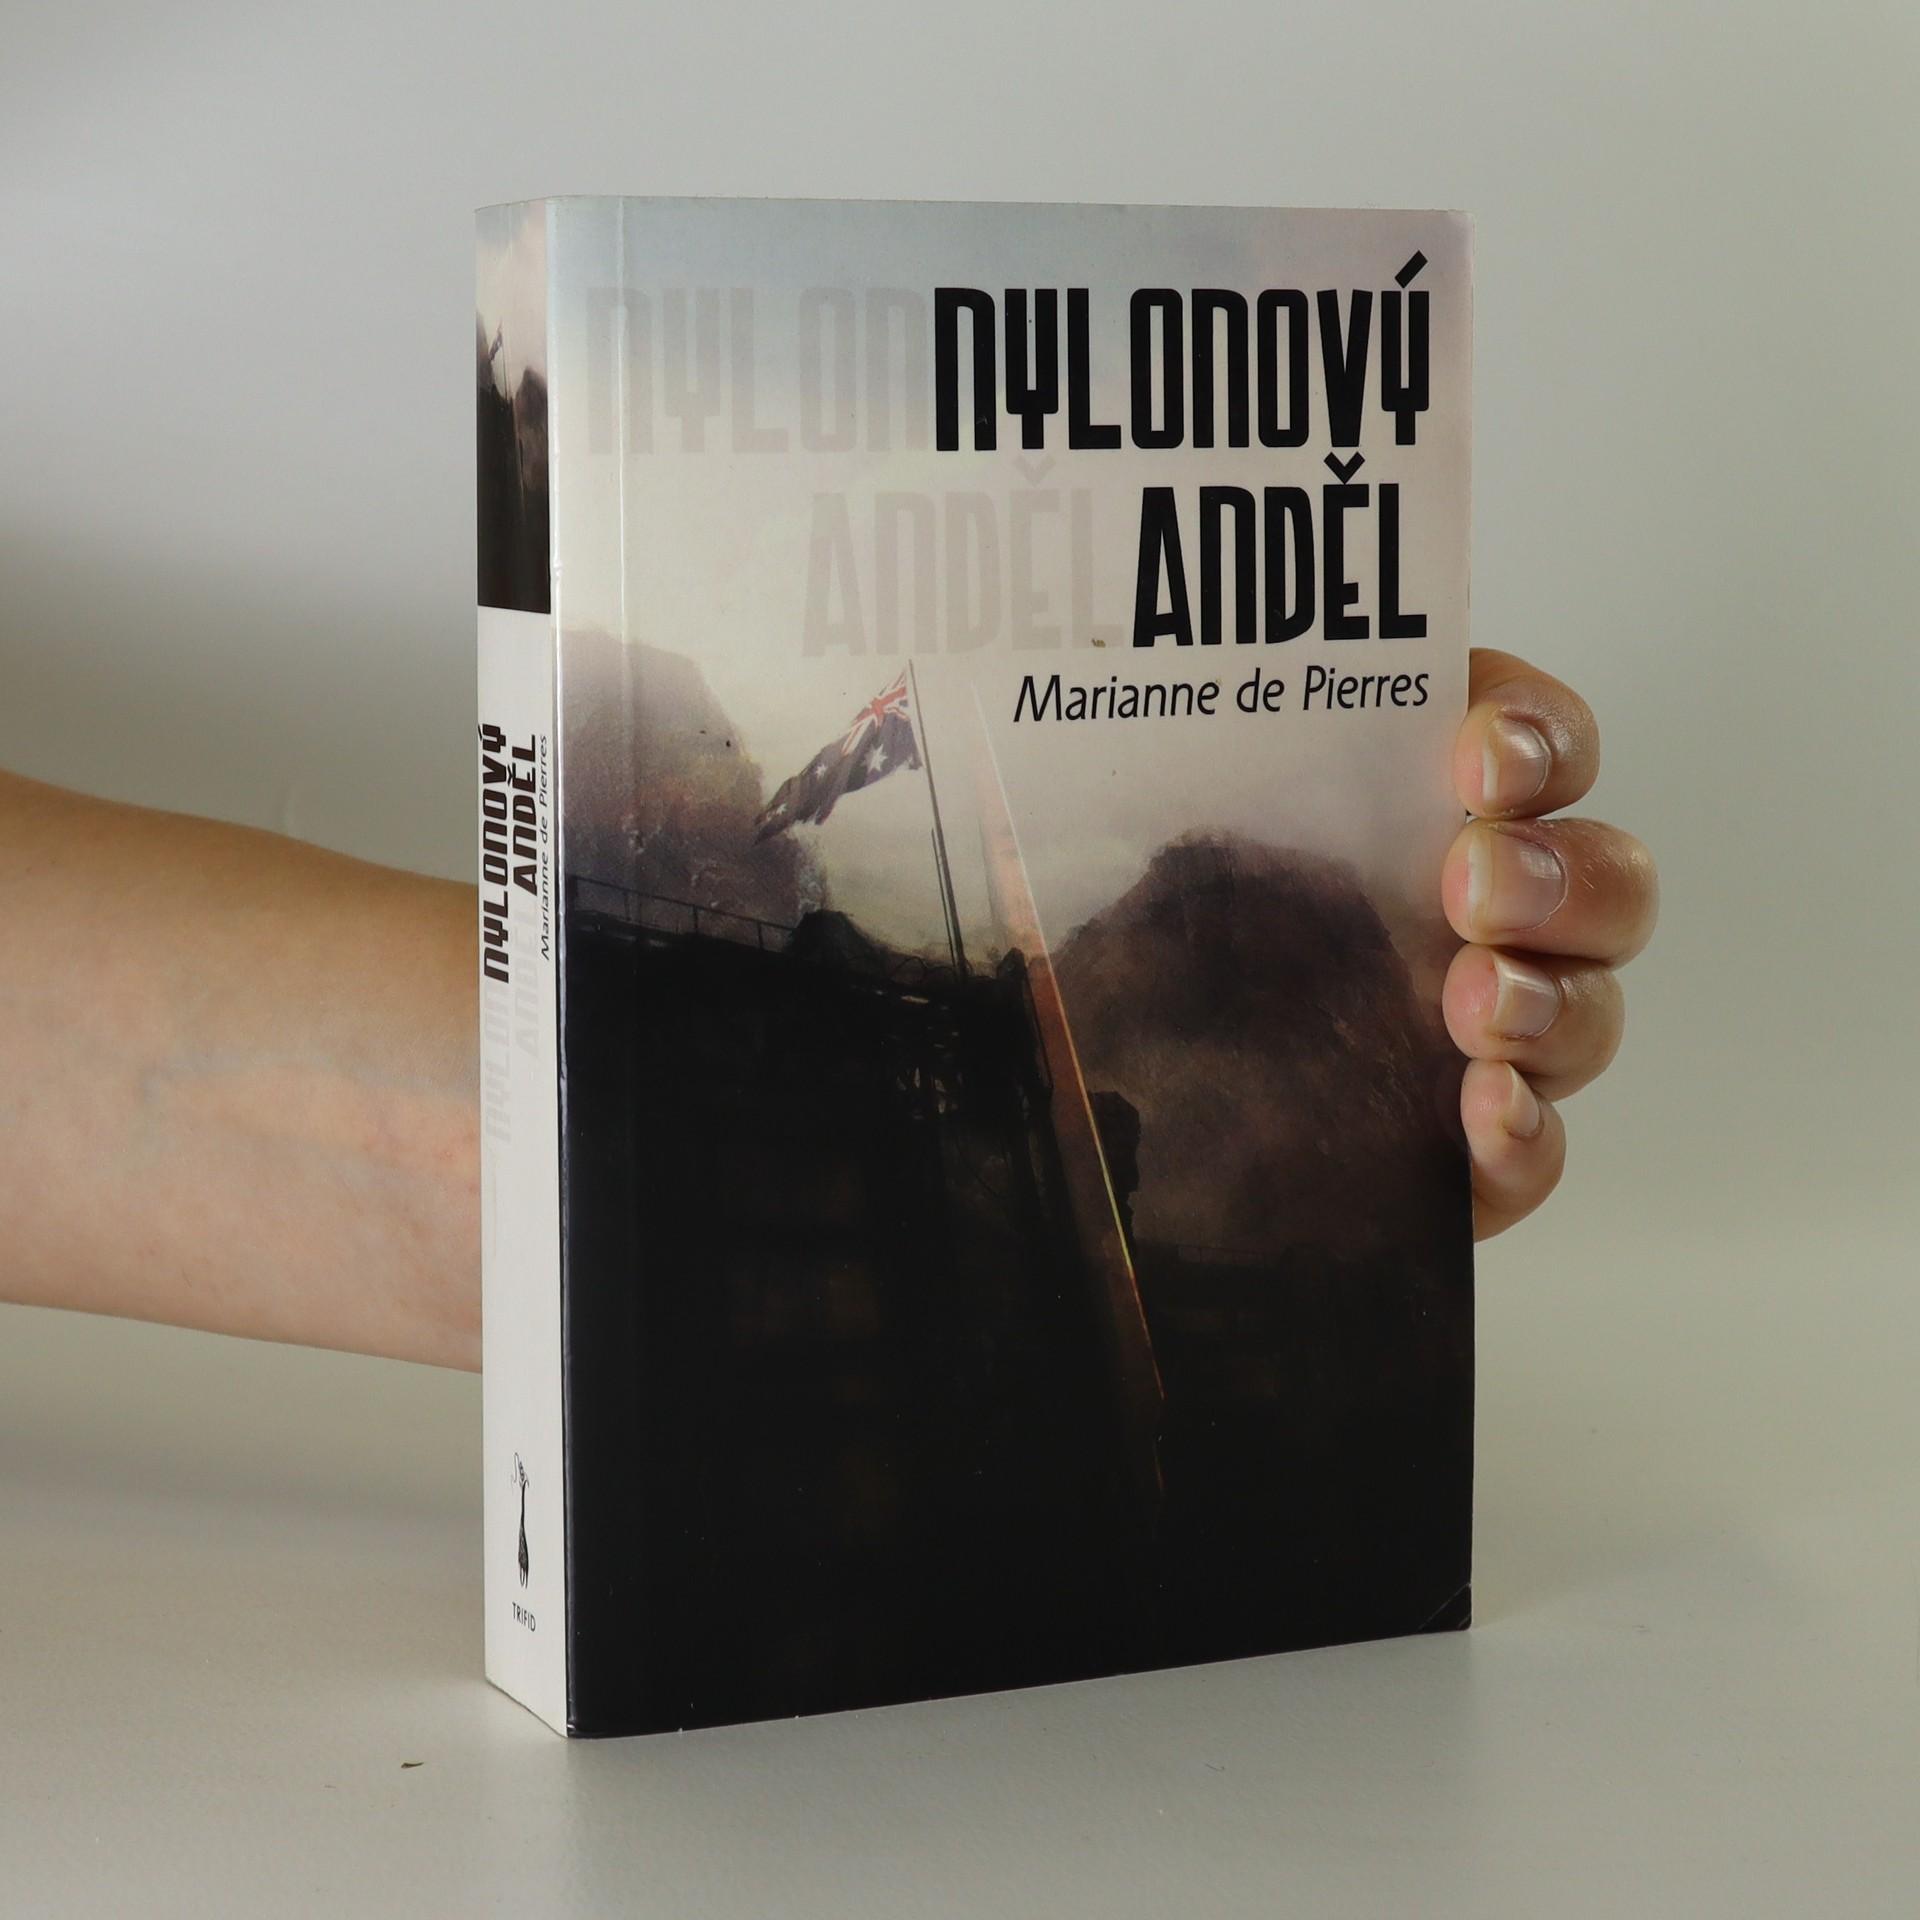 antikvární kniha Nylonový anděl, 2008